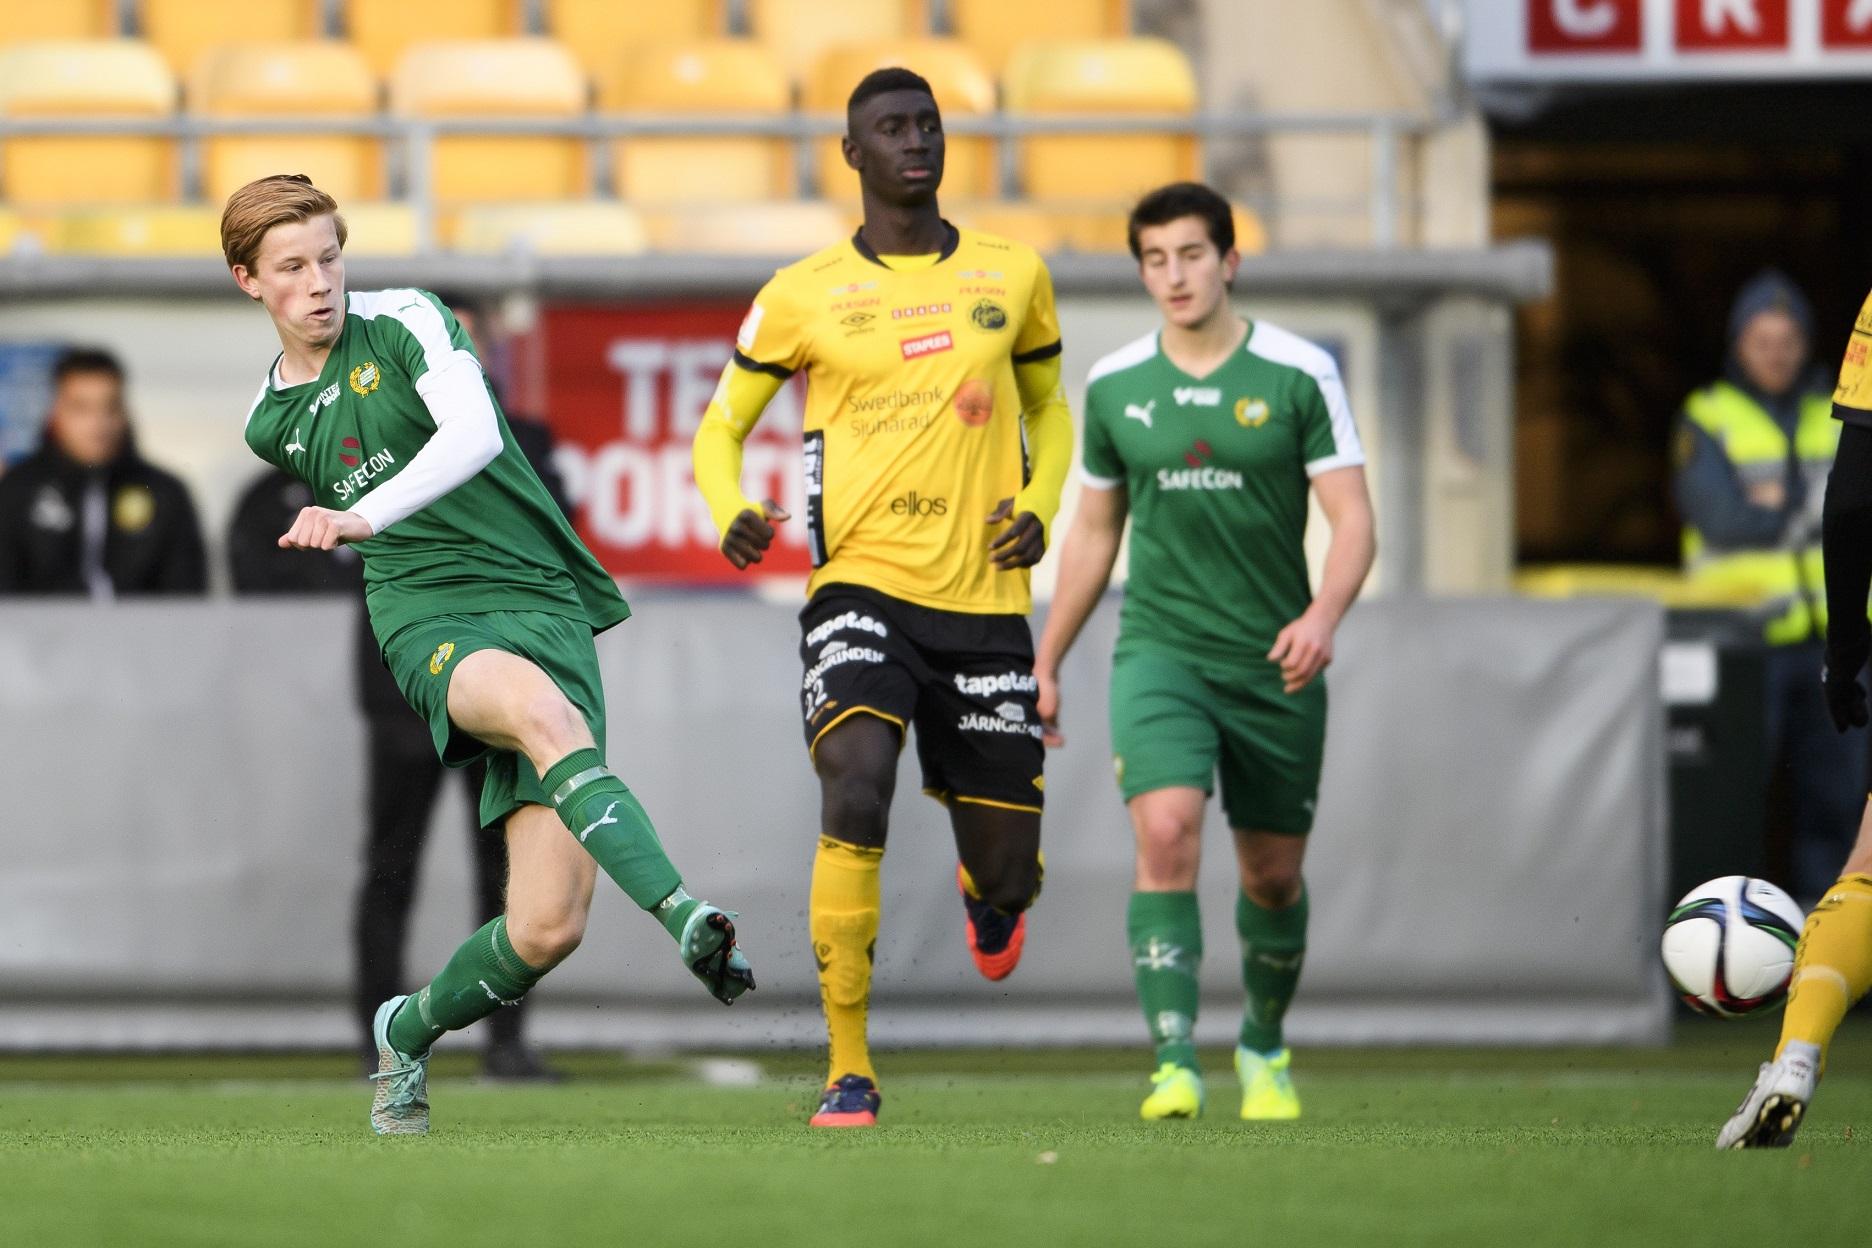 161030 Hammarbys David Nilsson under U17 SM-final i fotboll mellan Elfsborg och Hammarby den 30 oktober 2016 i BorŒs. Foto: Jšrgen Jarnberger / BILDBYRN / Cop 112